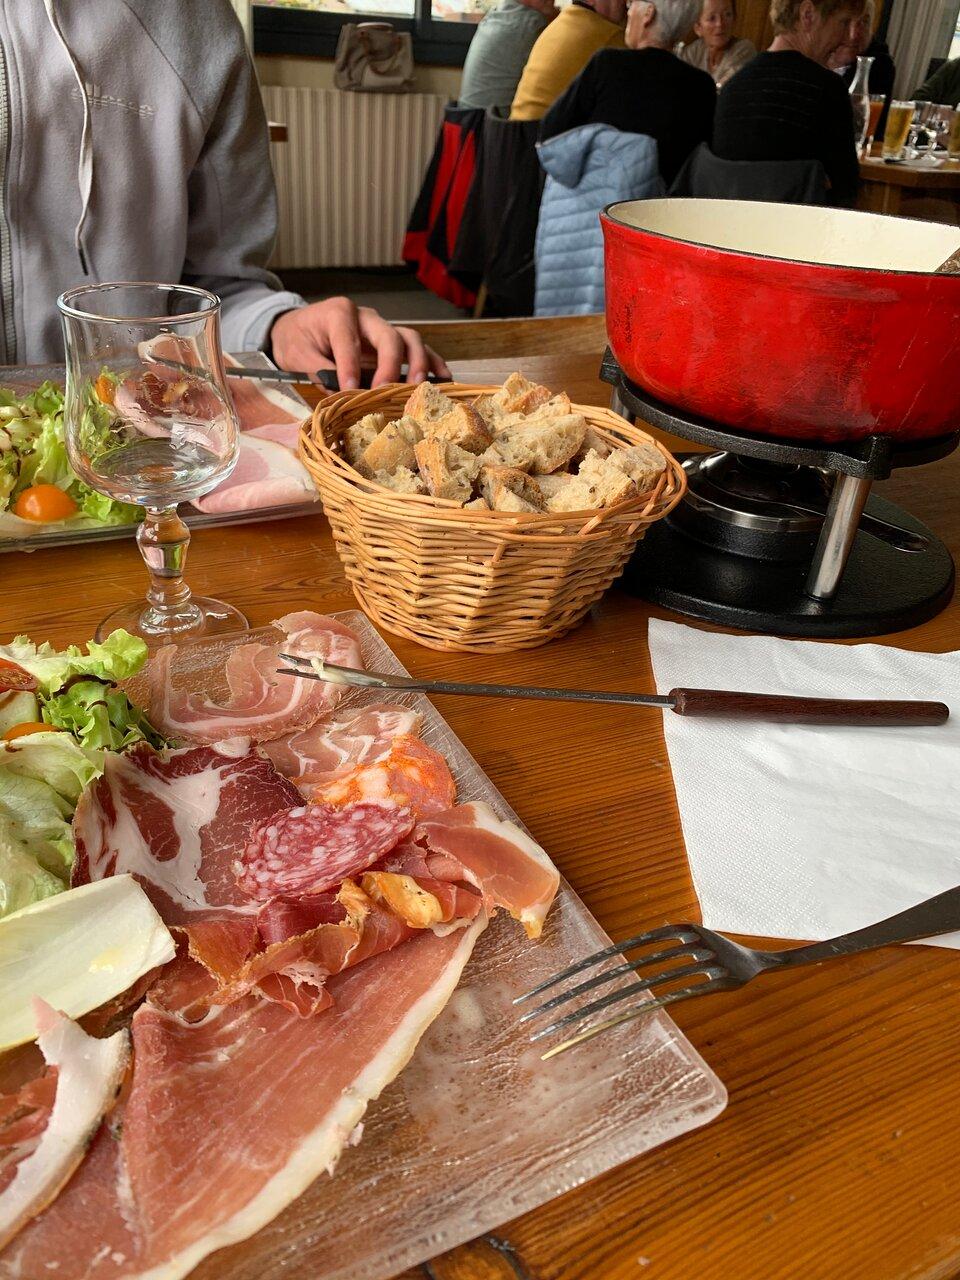 Diots de Savoie sauce aux tomates séchées et au vin rouge